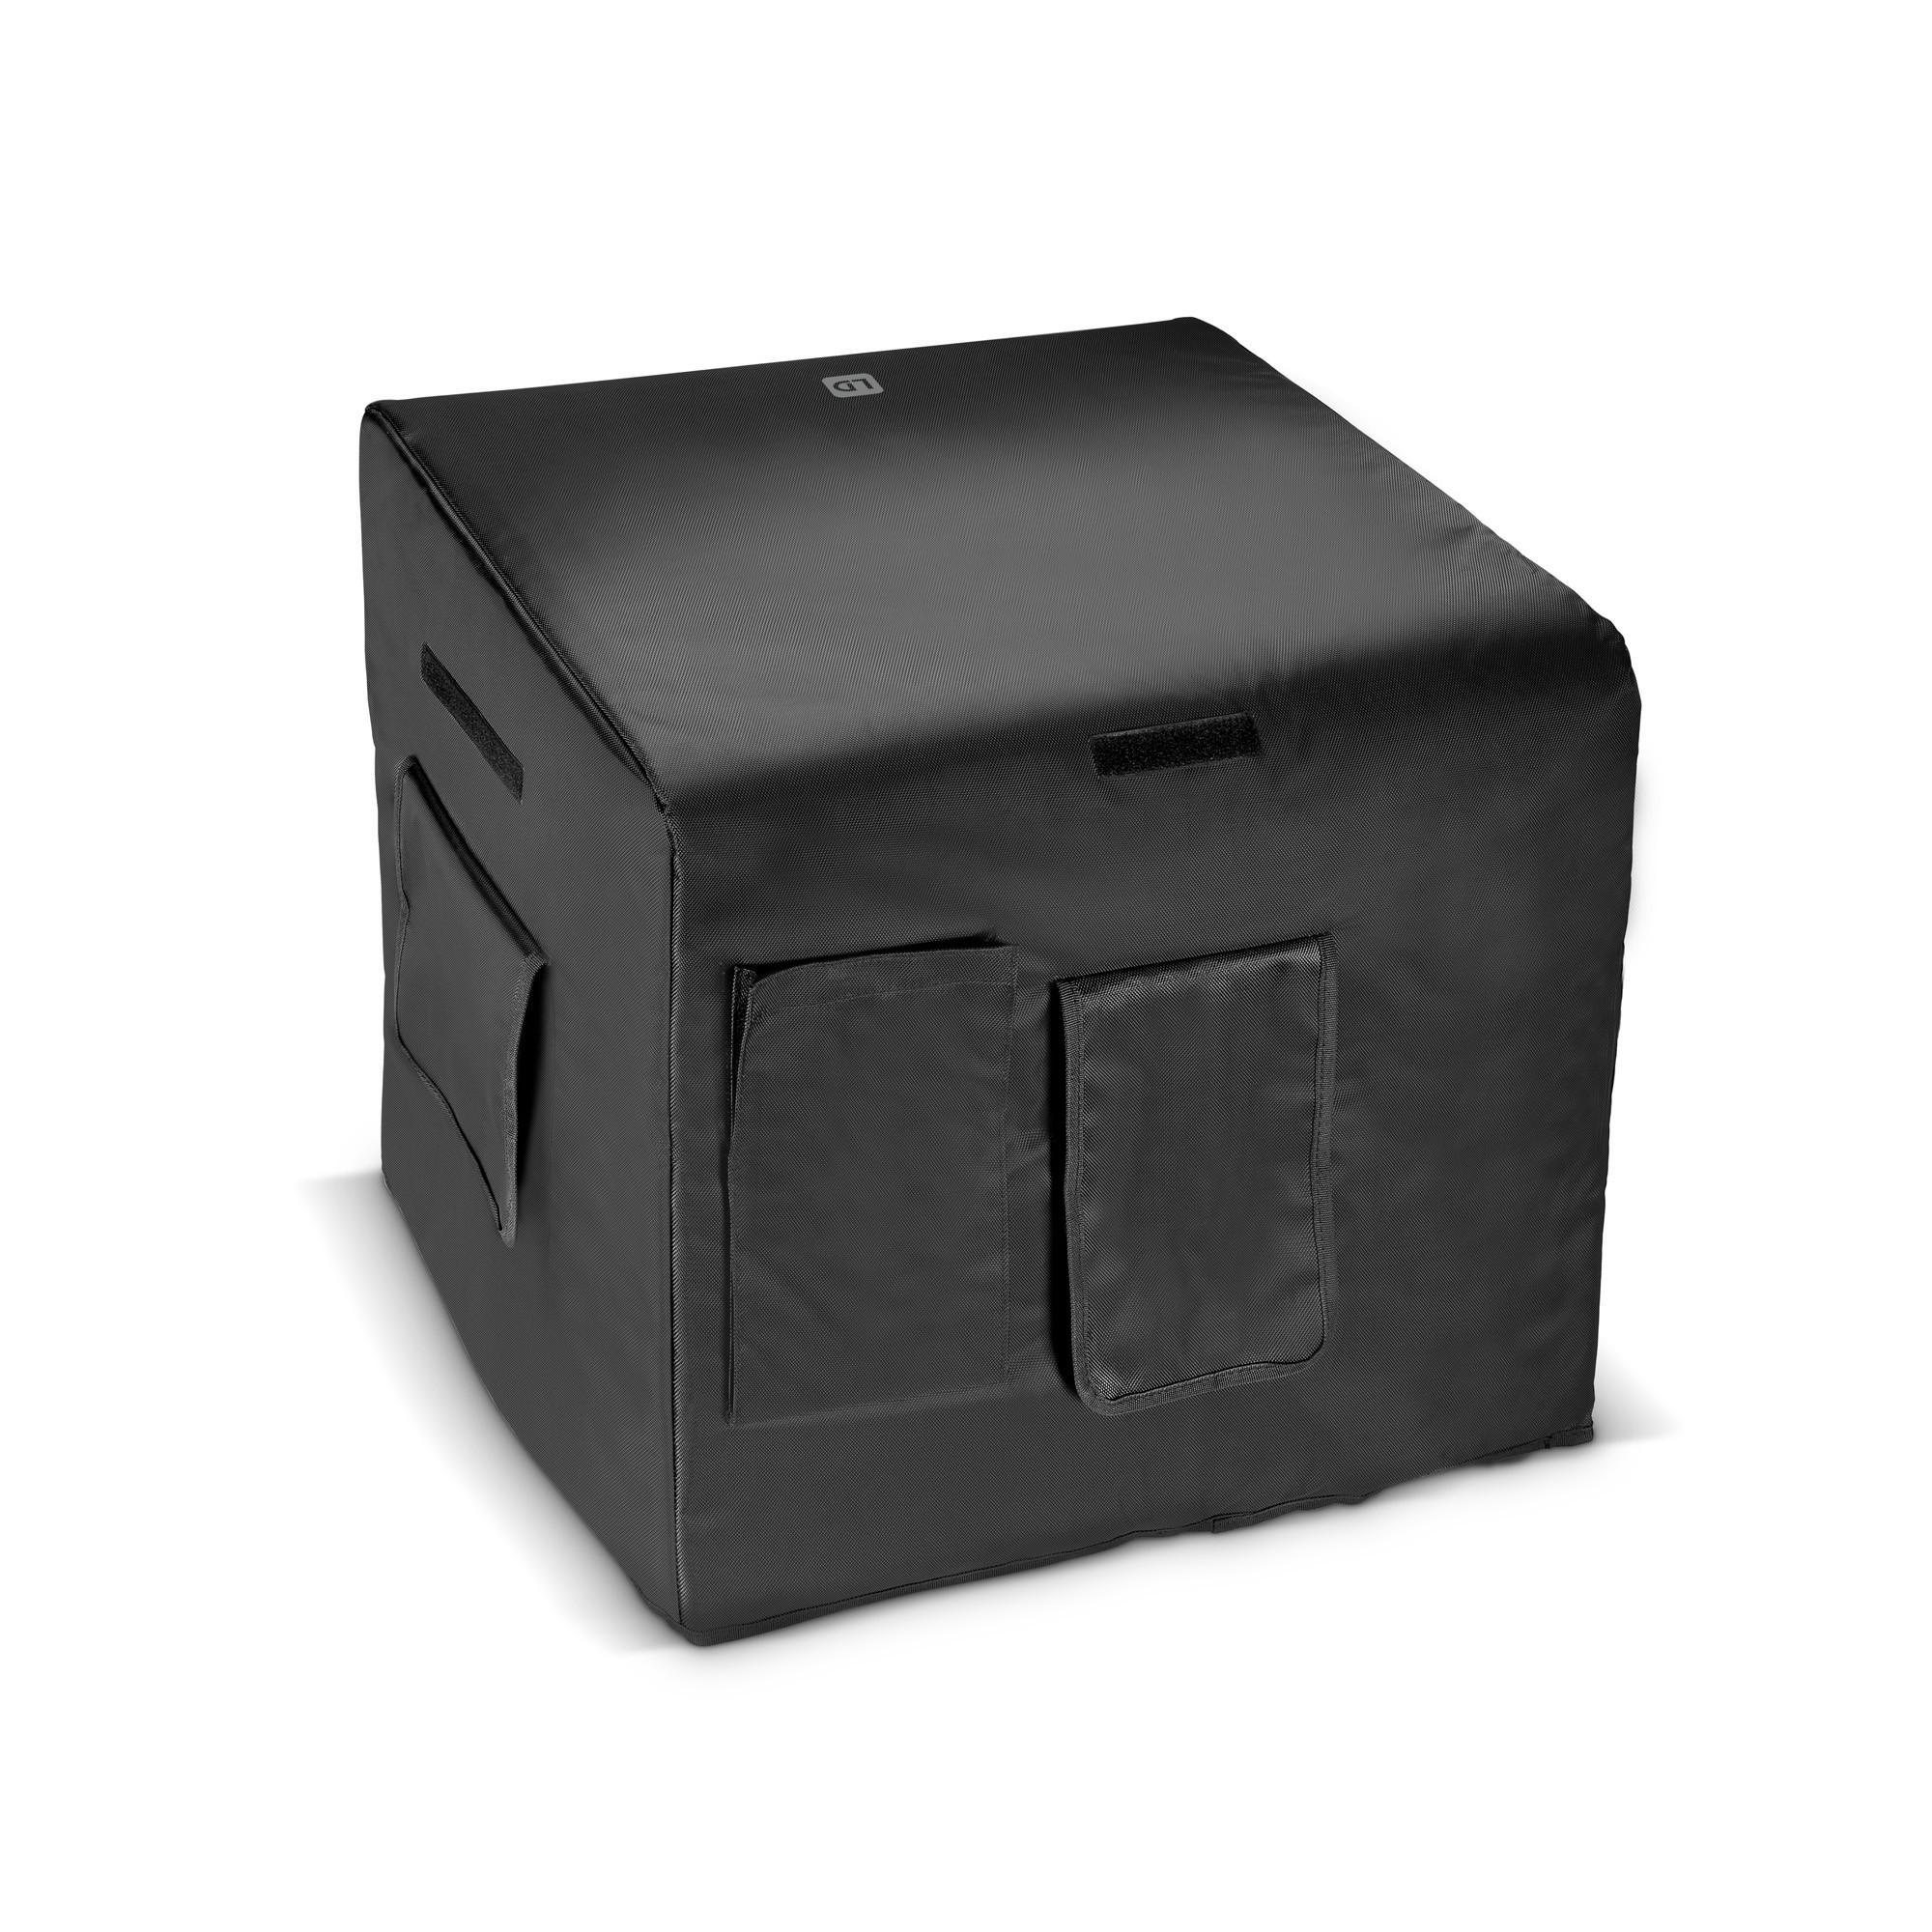 CURV 500 TS SUB PC Housse de protection avec mousse pour caisson de basses CURV 500® TS